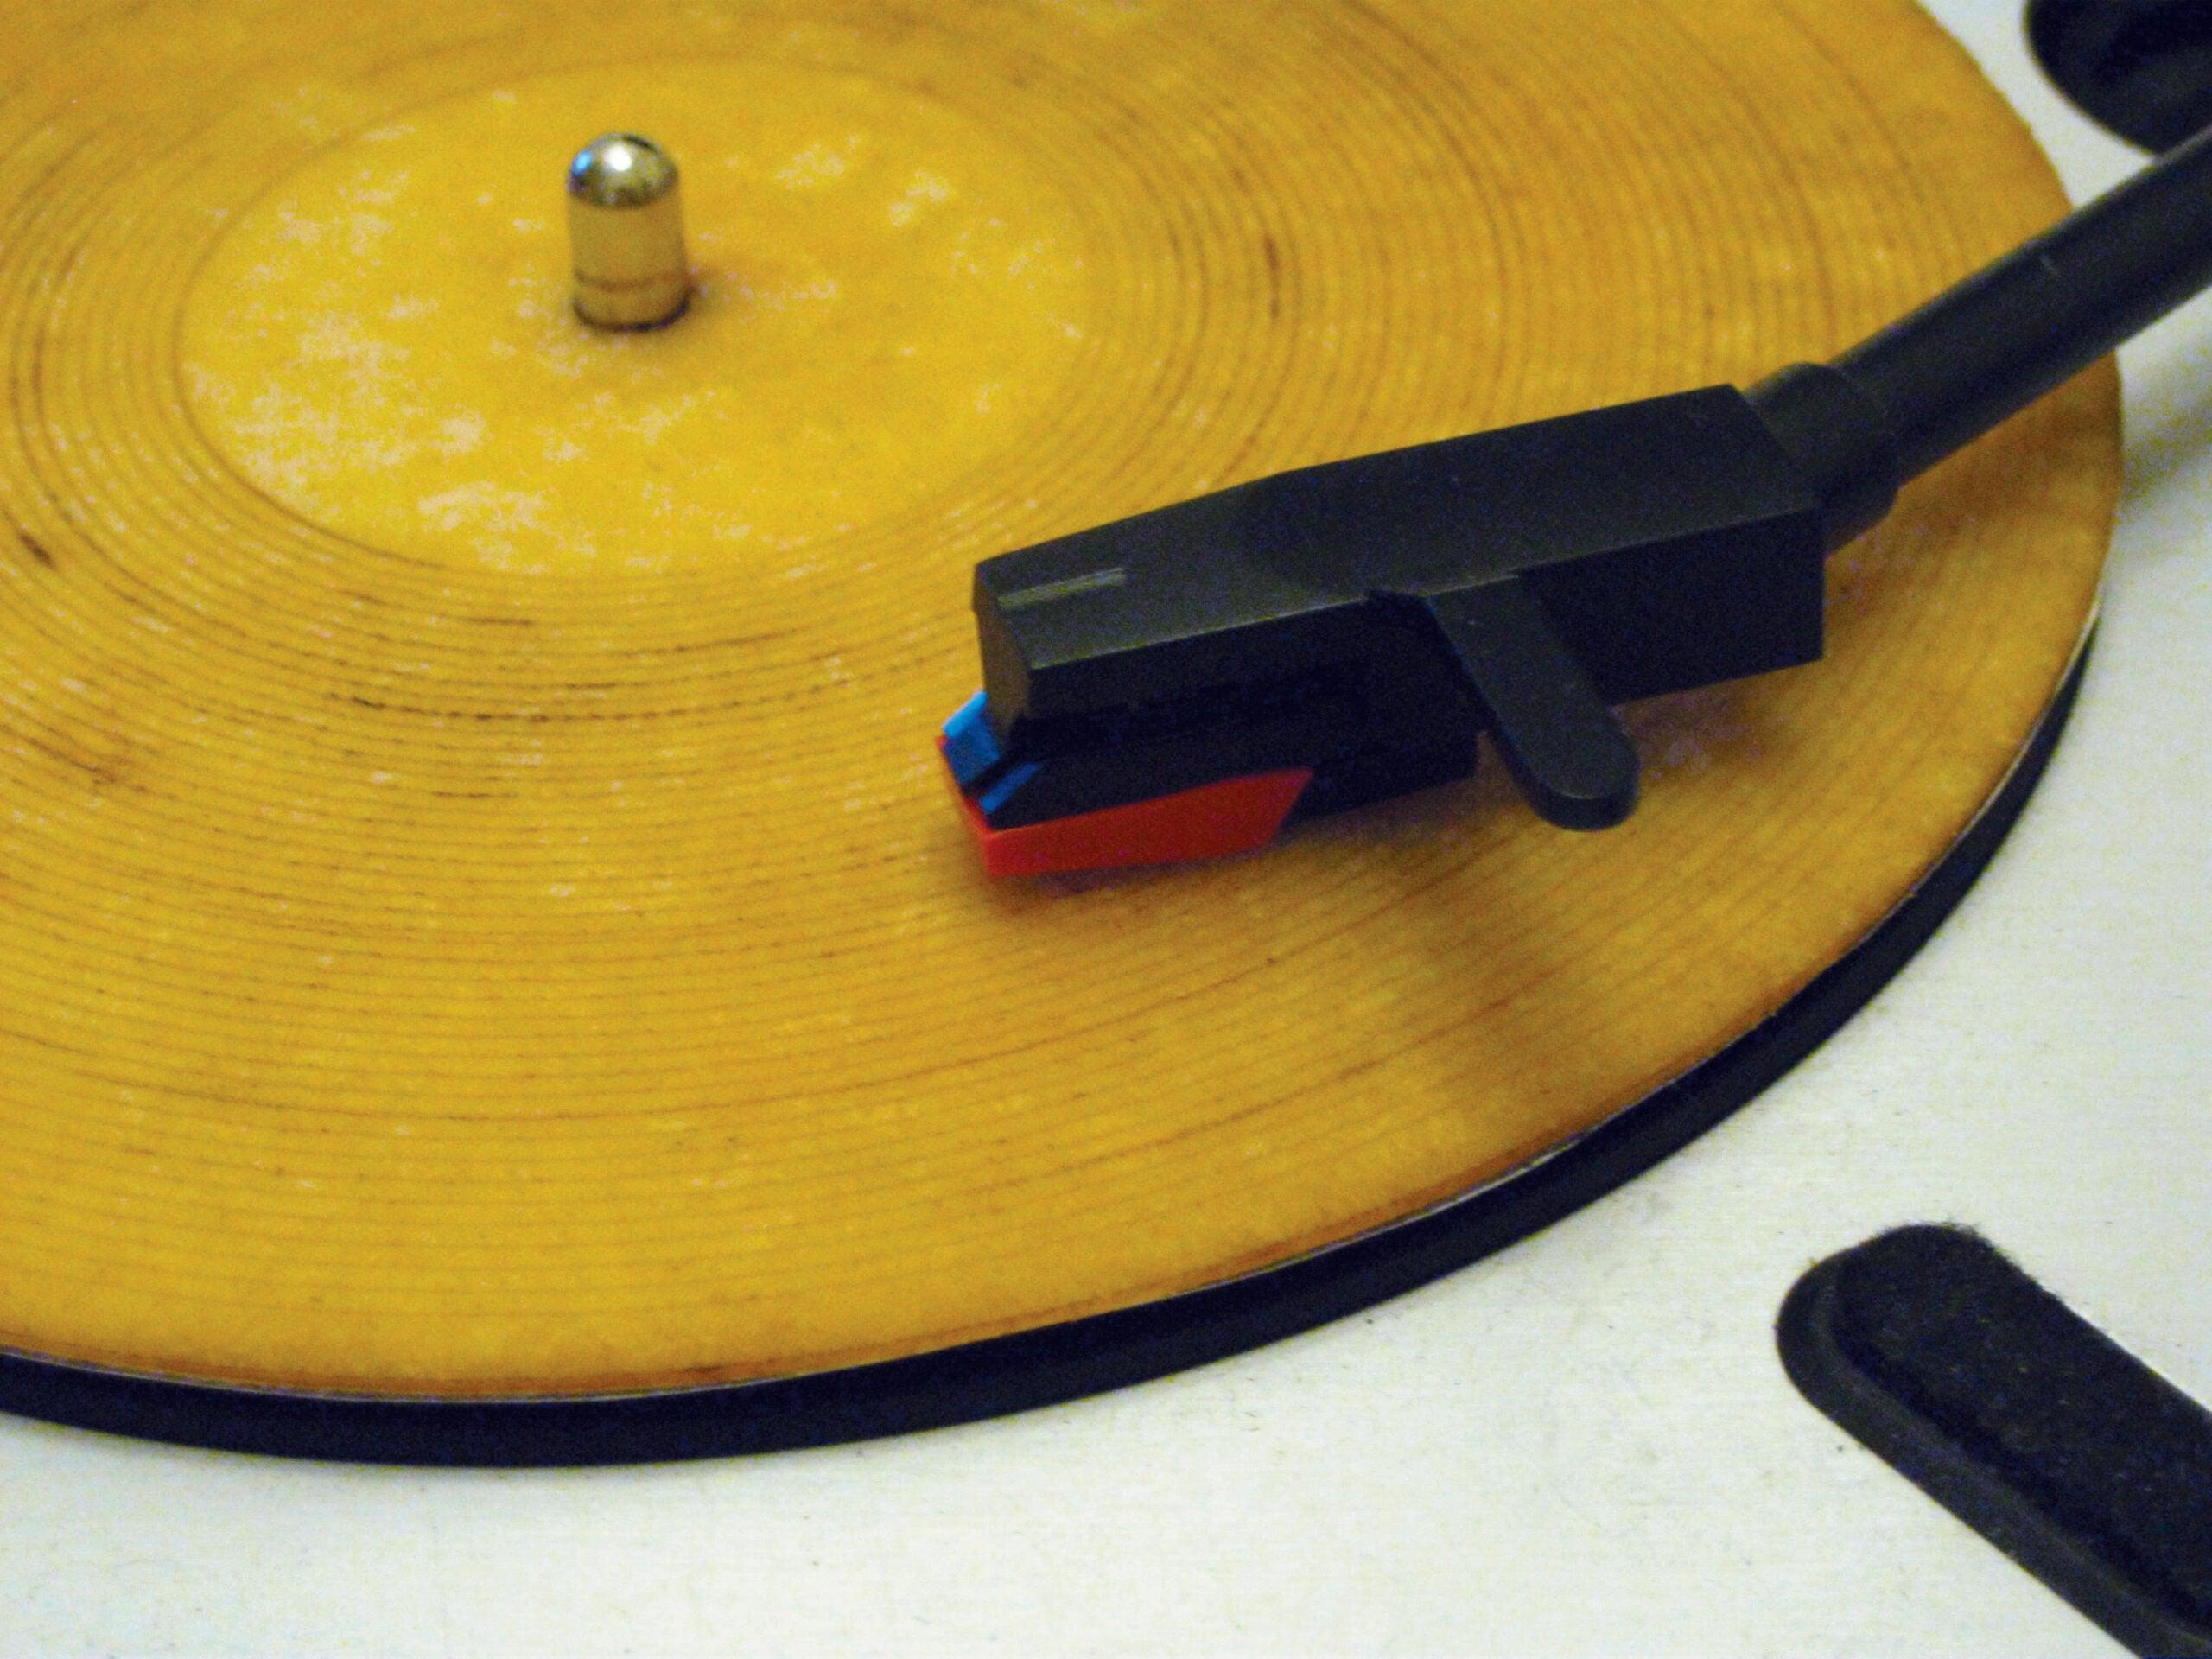 Cut A Record From A Tortilla